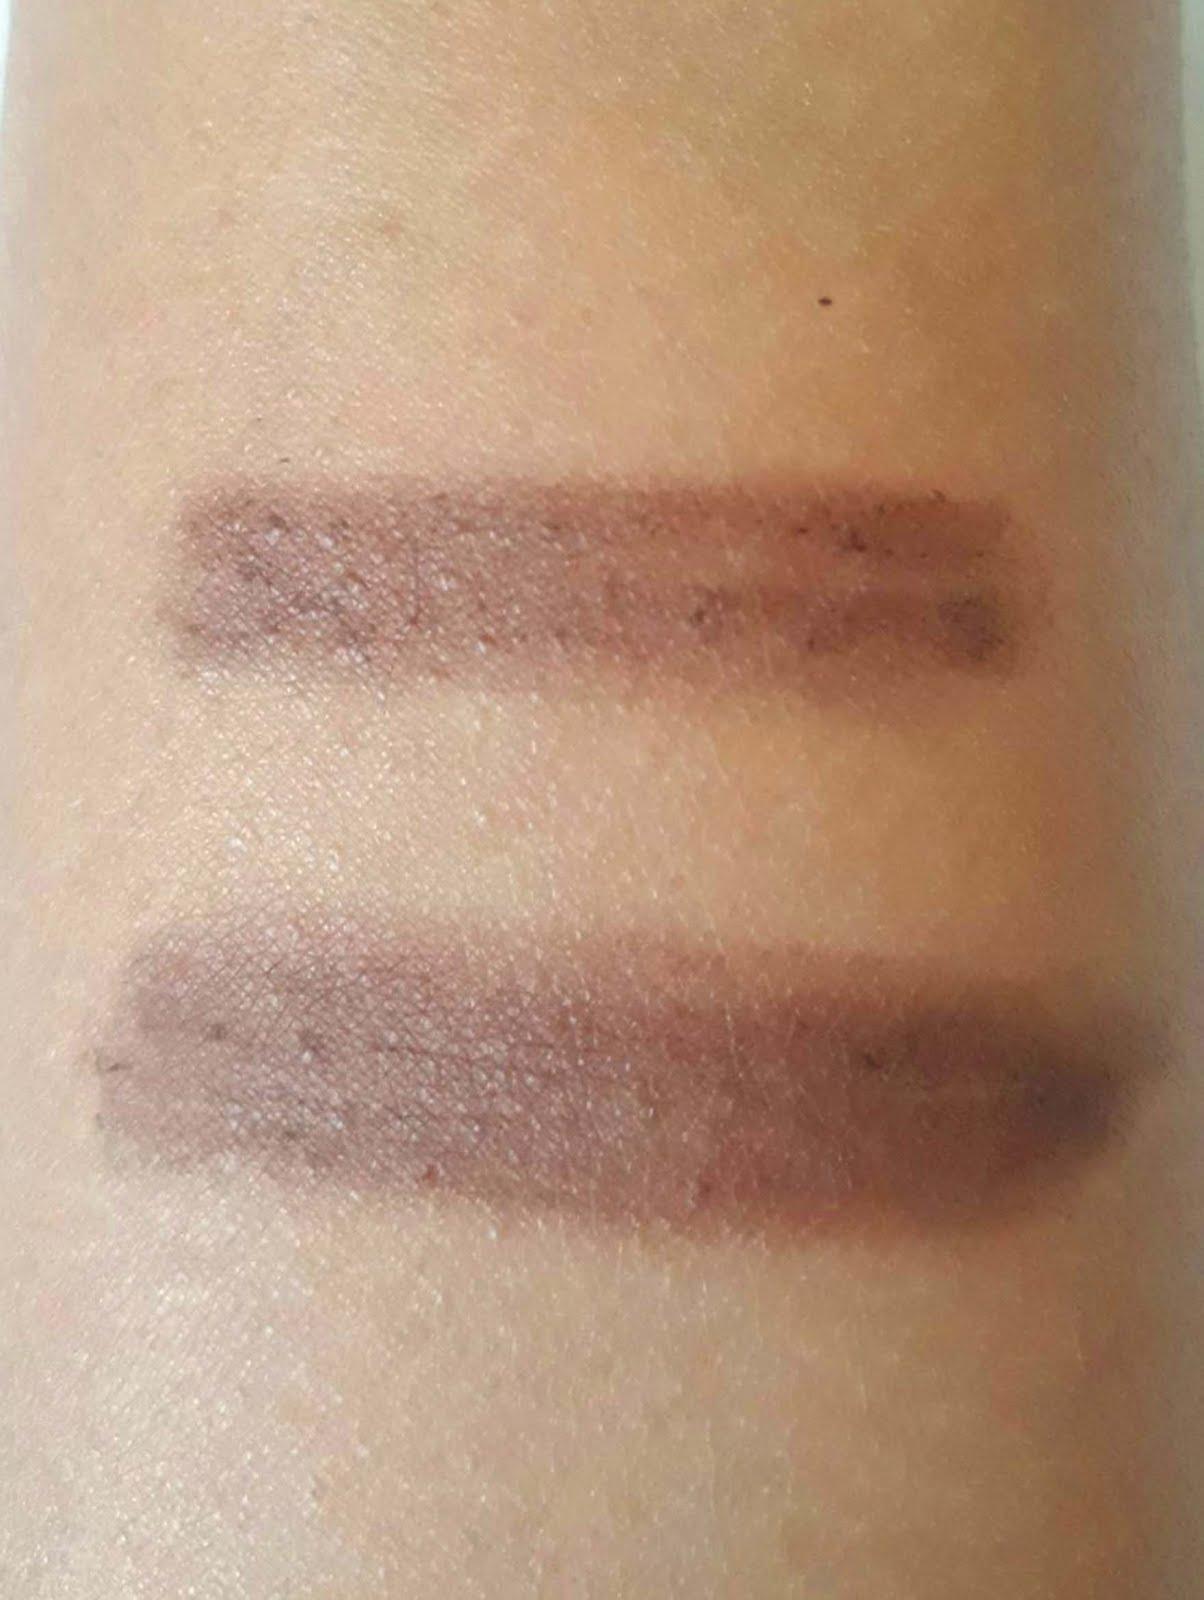 Review Wardah Eyebrow Pencil Vs Make Over Stories Eyebrowpensil Alis Brown Dari Memiliki Kemasan Yang Lebih Ramping Sedikit Daripada Produk Dengan Sikat Di Bagian Tutupnya Sedangkan